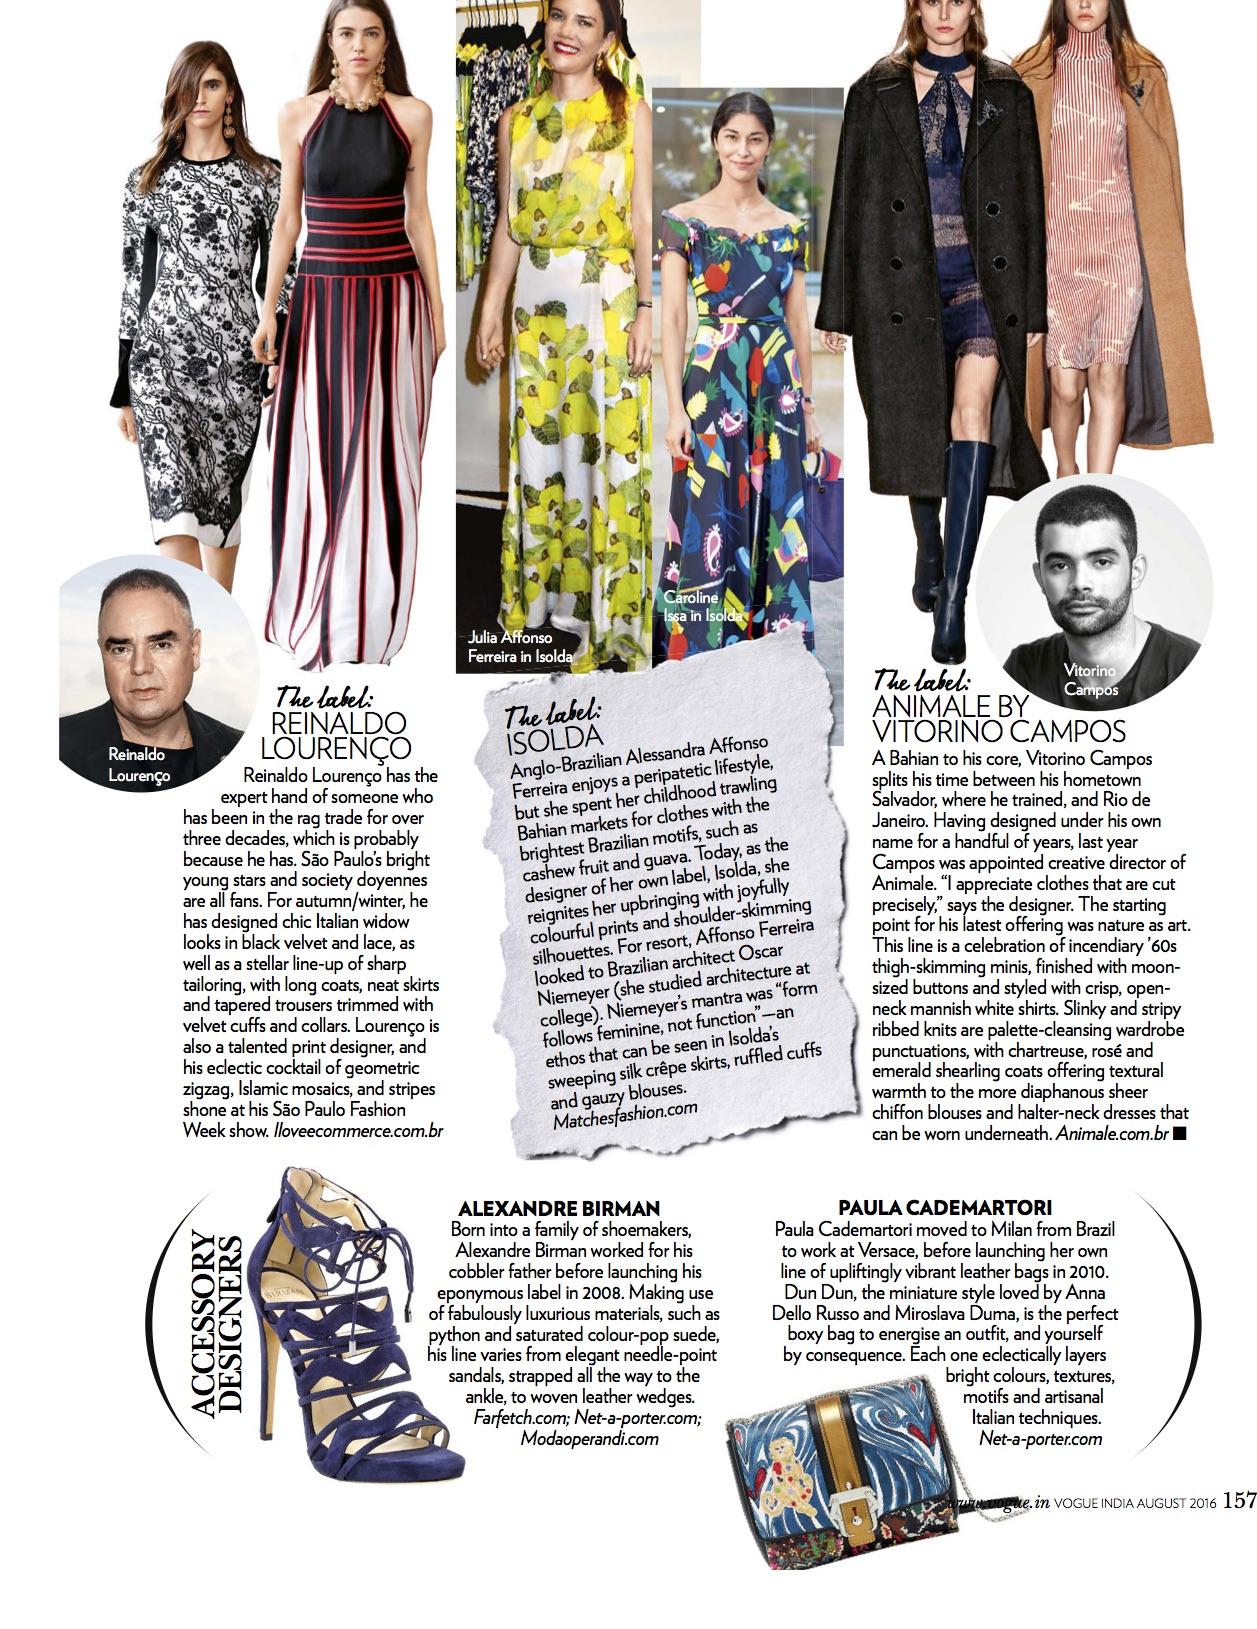 Vogue, August 2016